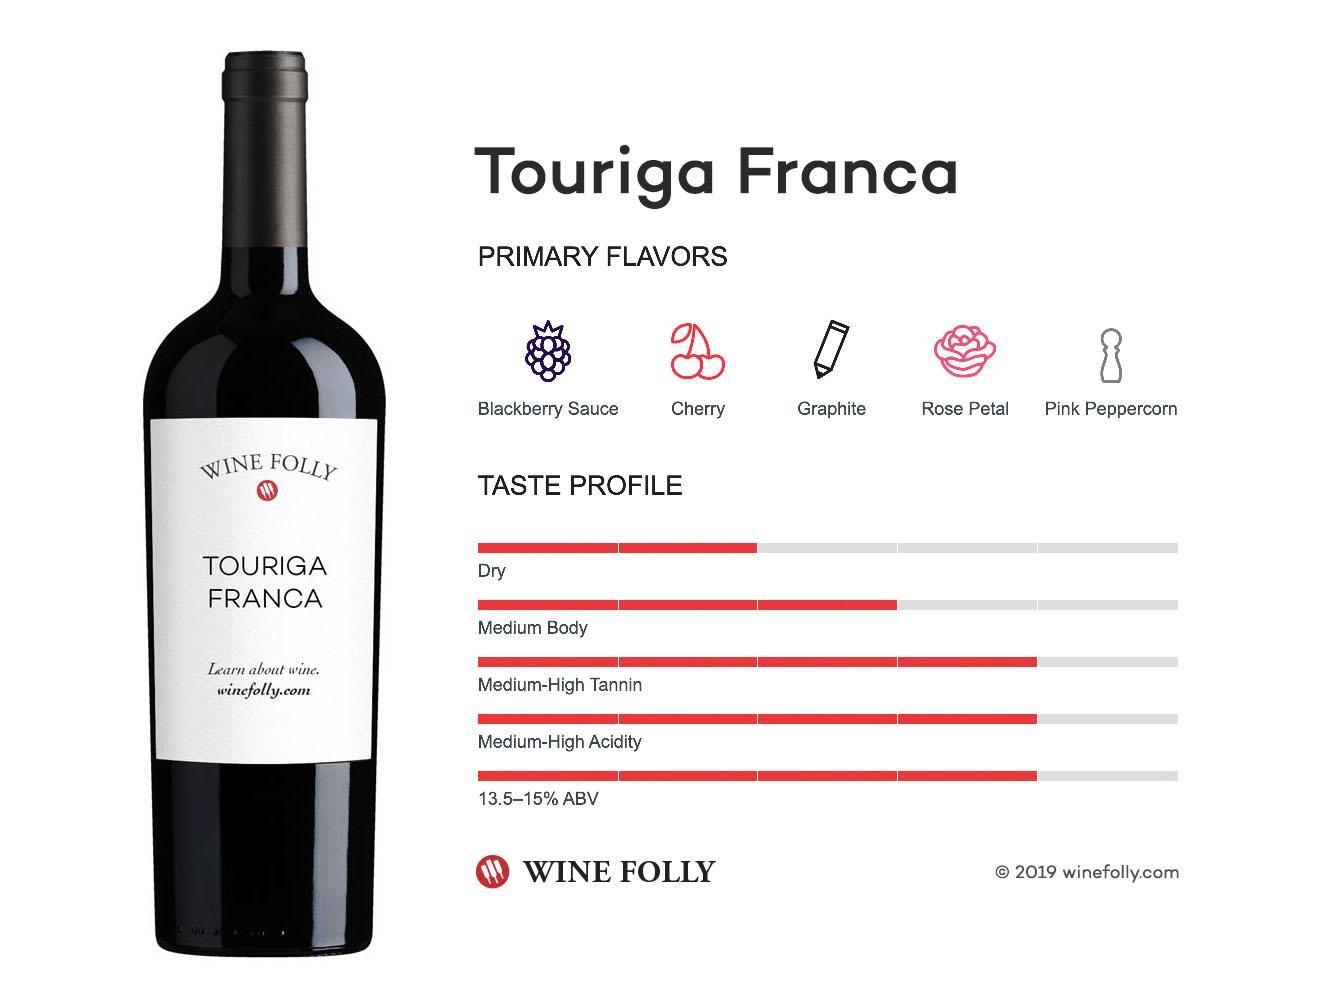 Touriga-Franca